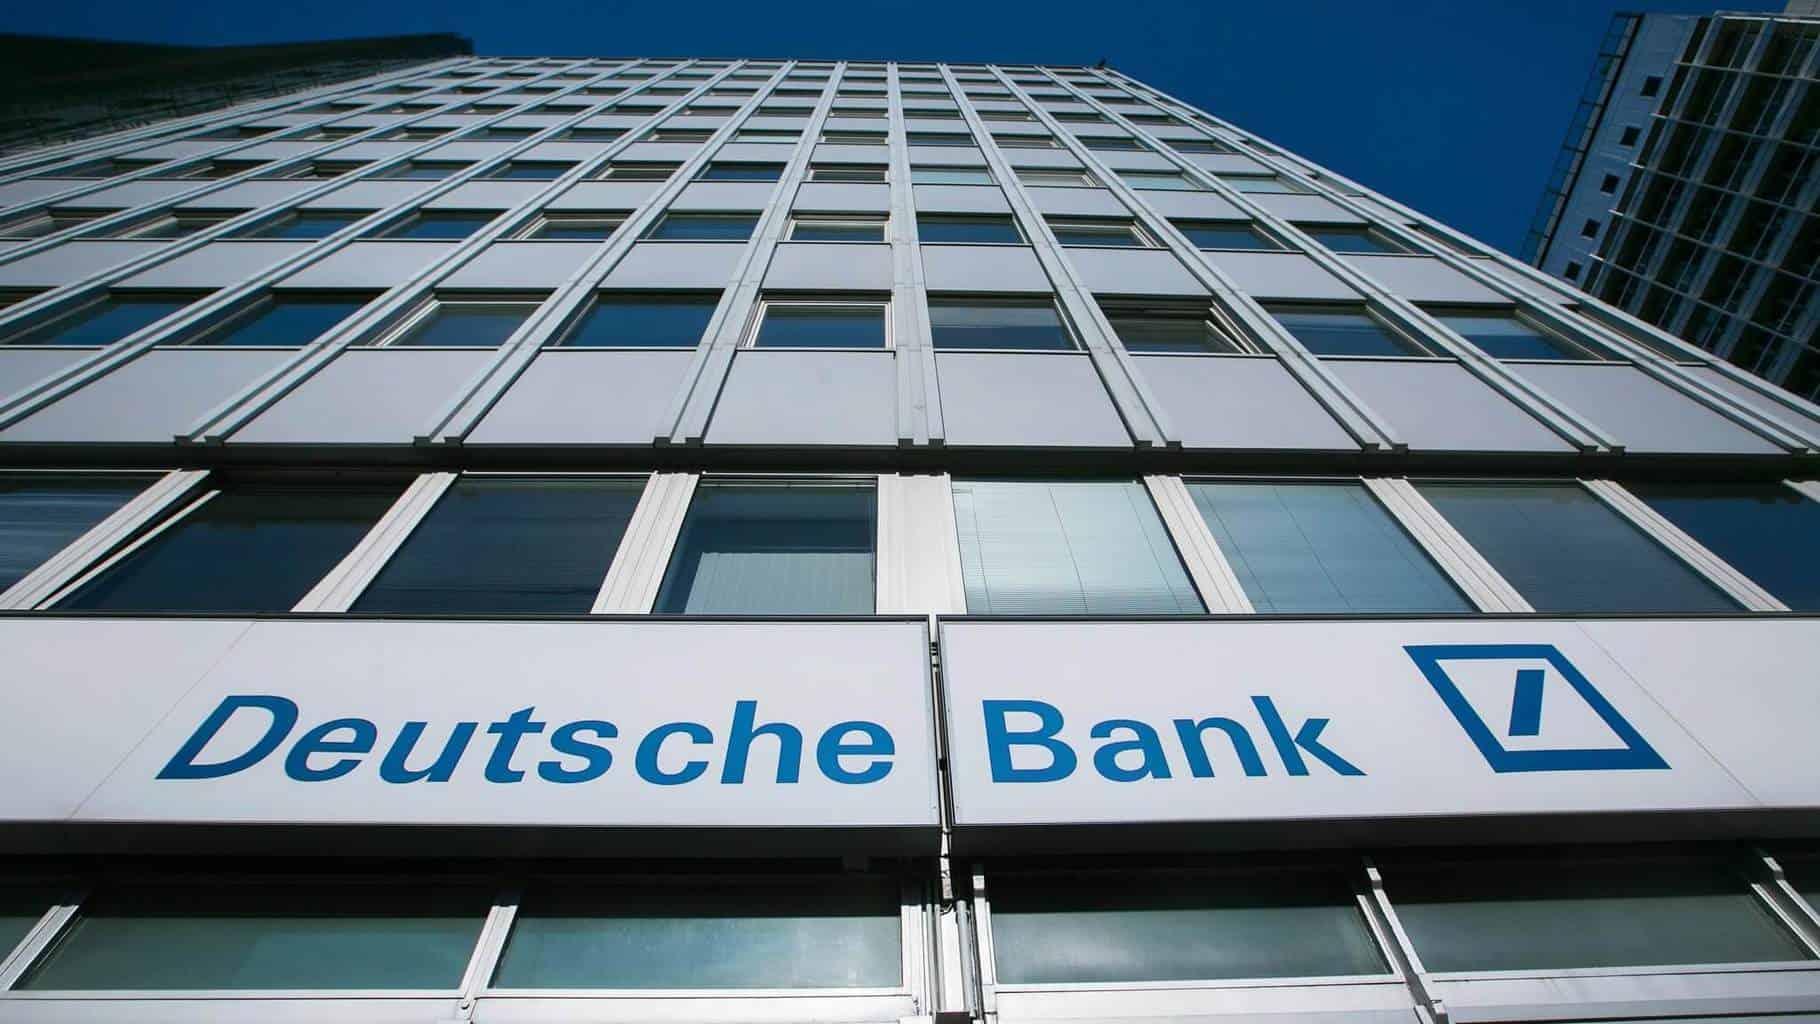 Deutsche Bank Stock